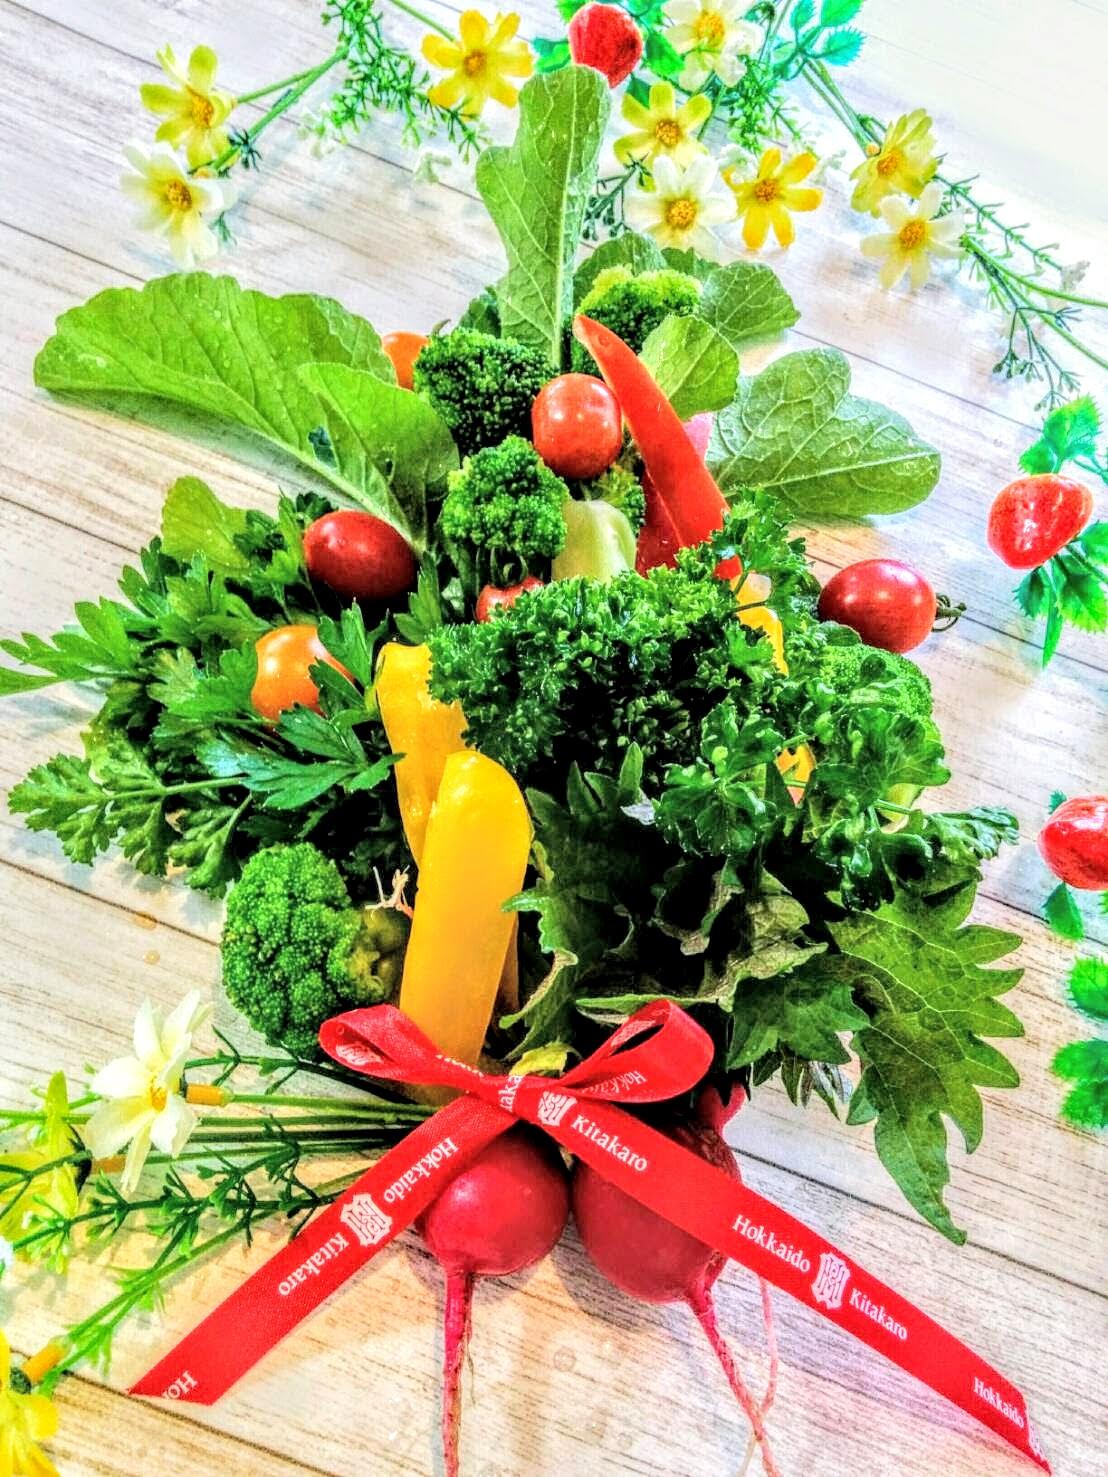 【小樽】自宅家庭菜園で採れた野菜で花束💐風にアレンジして見ました。